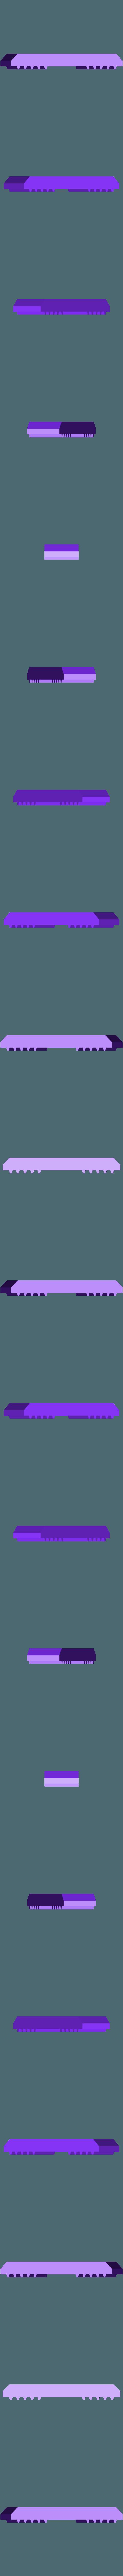 Y_CLAMP_a8plus1cm.STL Télécharger fichier STL gratuit Mise à niveau de la plaque de chariot Y pour Anet A8 • Plan imprimable en 3D, Xenice